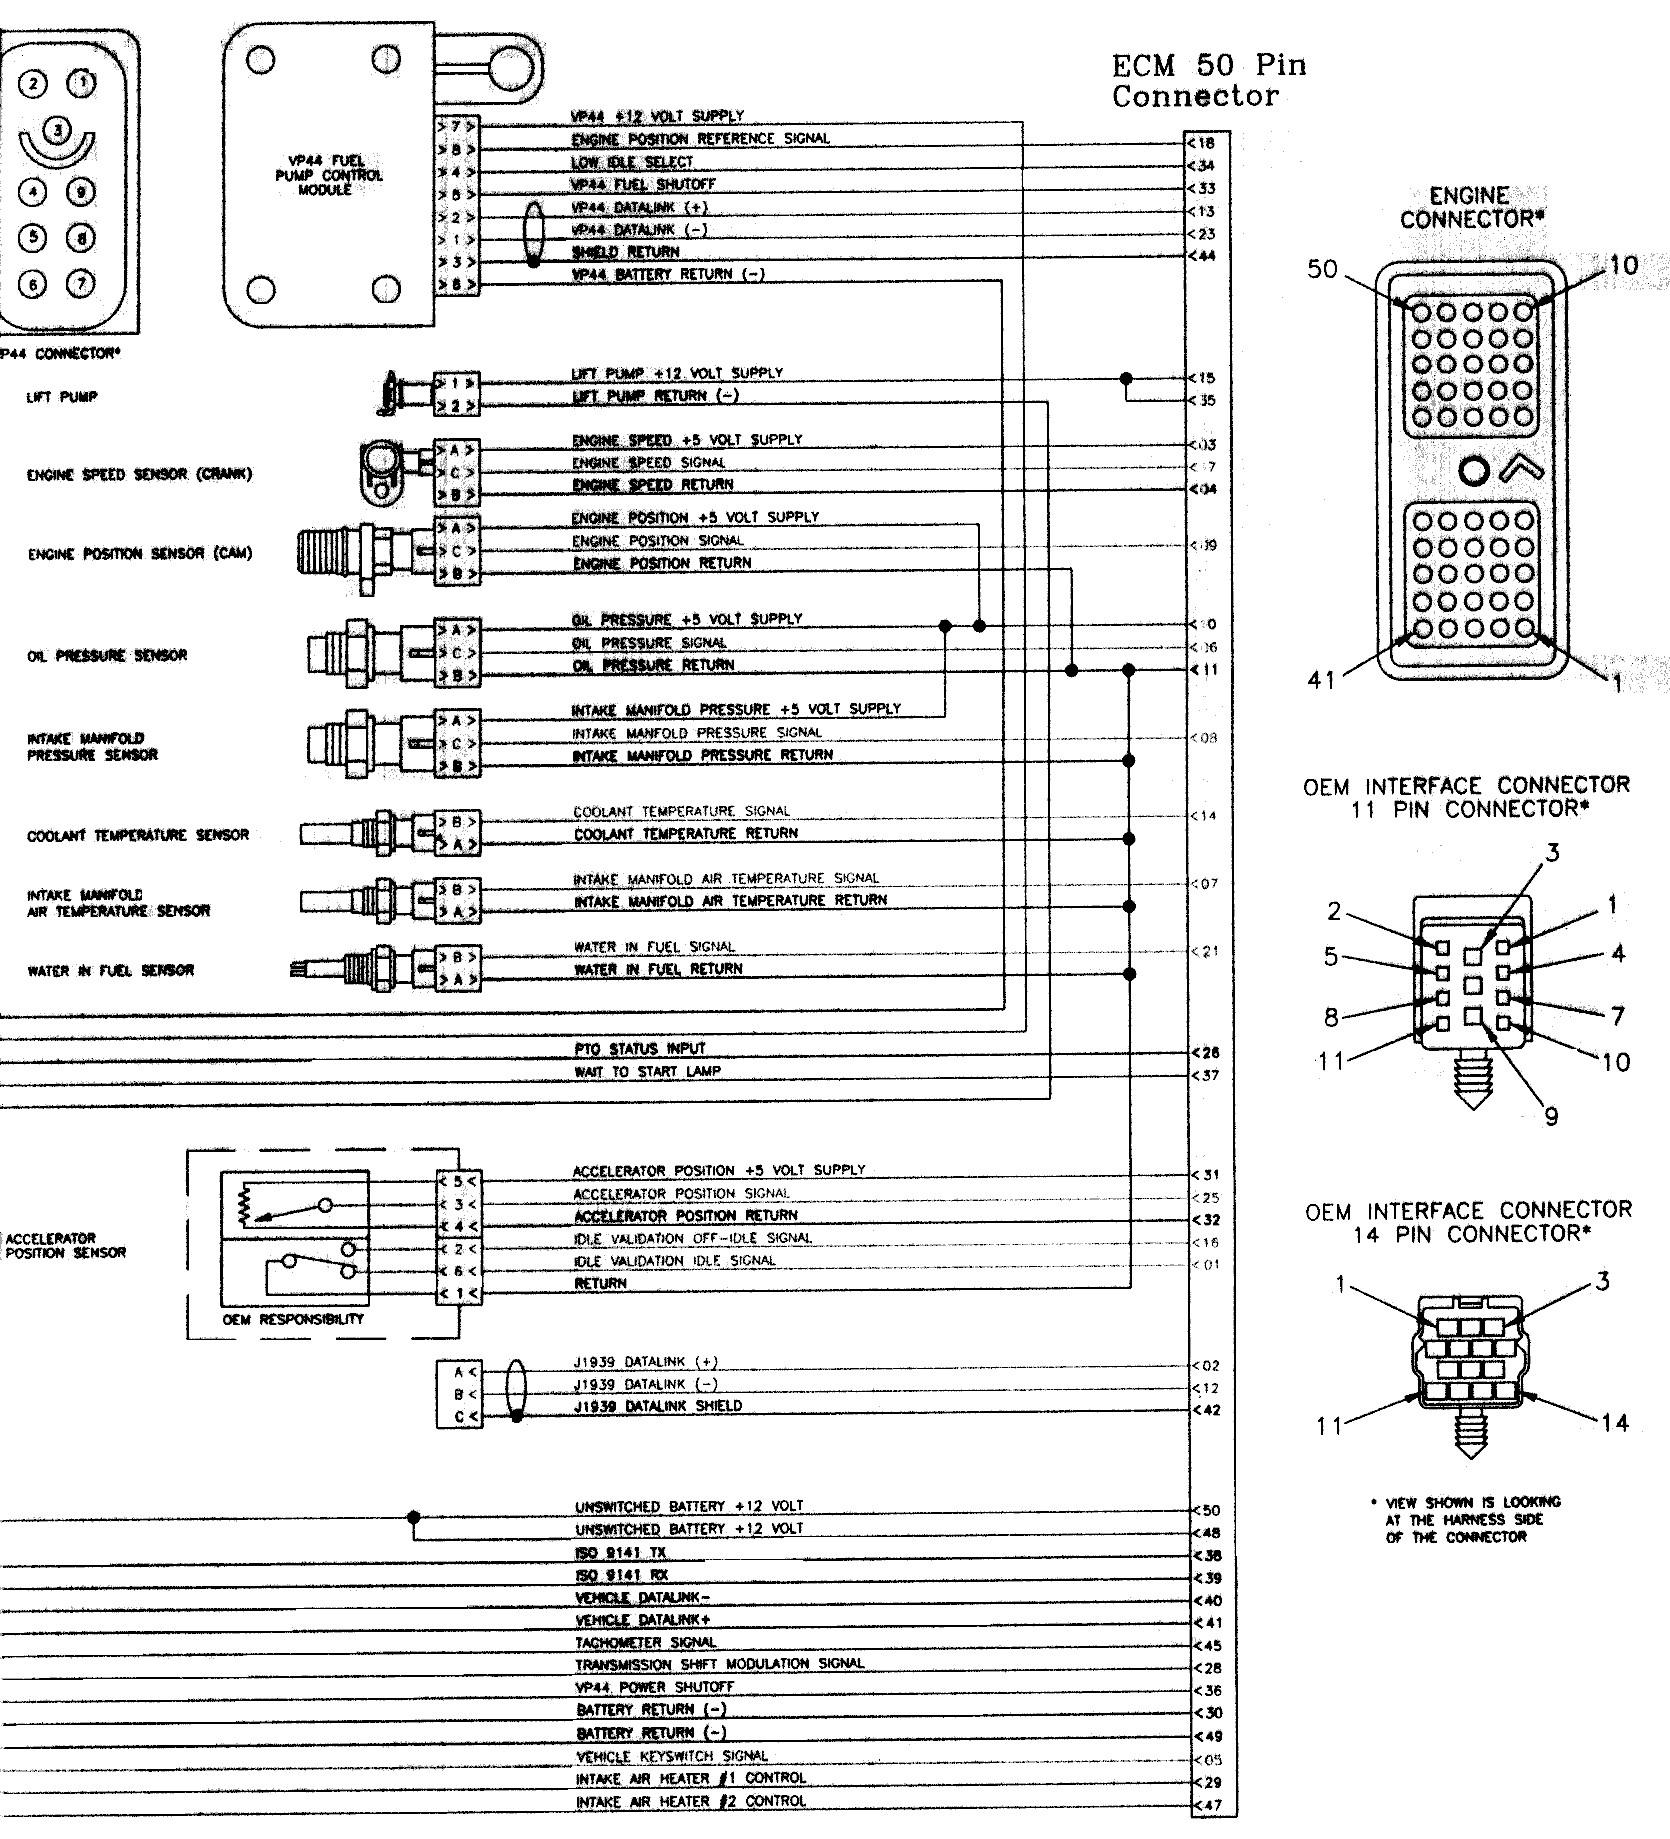 1998 dodge cummins fuse diagram